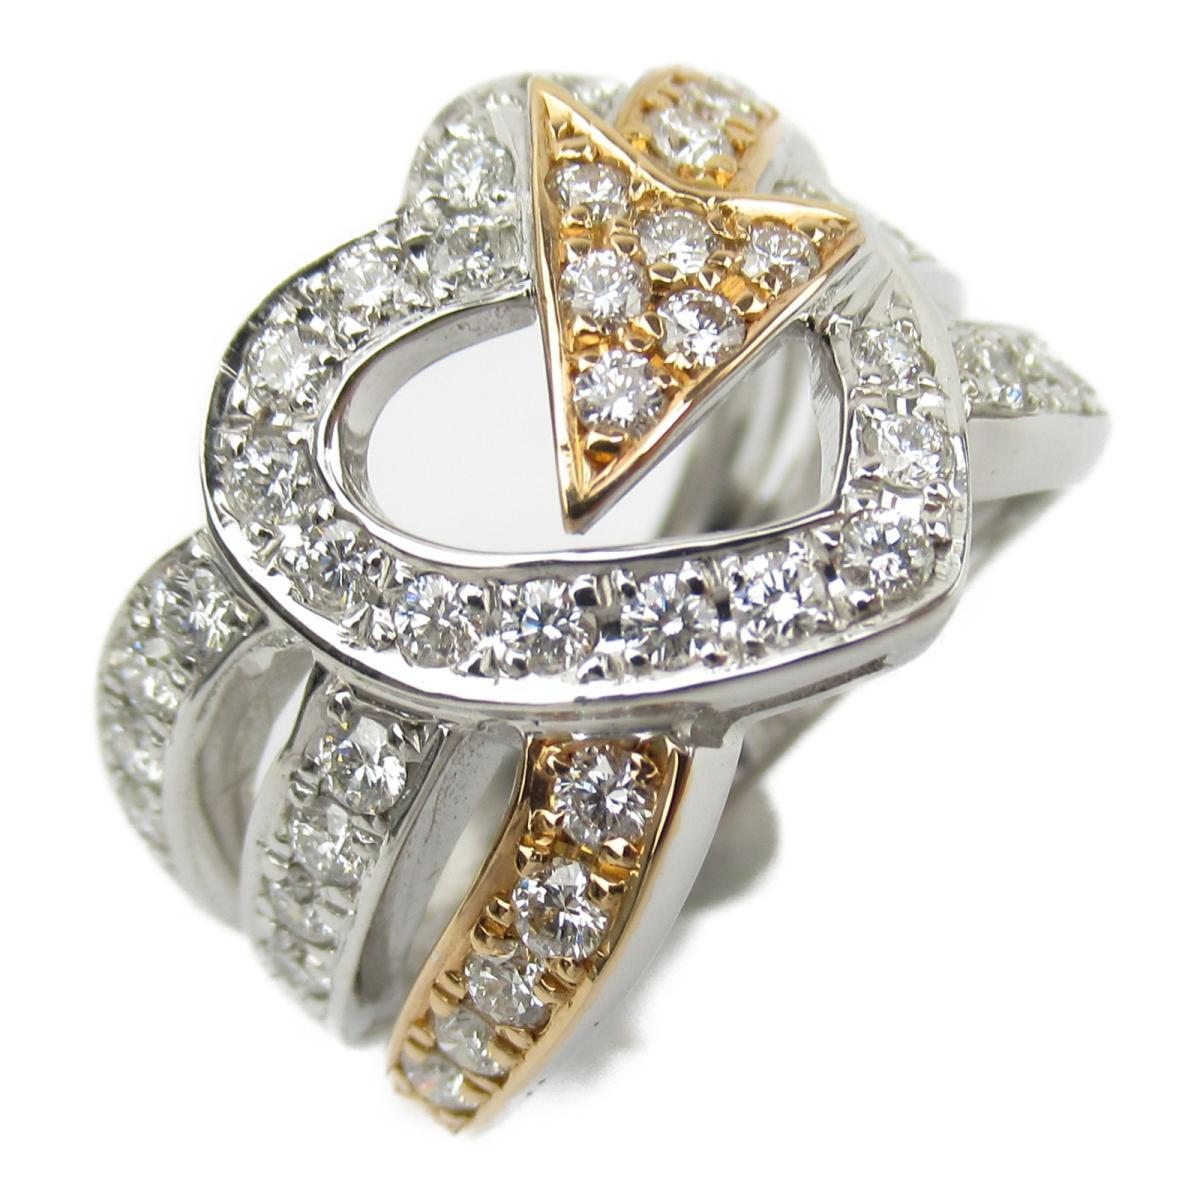 ジュエリー ダイヤモンド リング 指輪 ノーブランドジュエリー レディース K18WG (750) ホワイトゴールド x K18PG (ピンクゴールド) ダイヤモンド1.095ct 【中古】 | JEWELRY BRANDOFF ブランドオフ アクセサリー